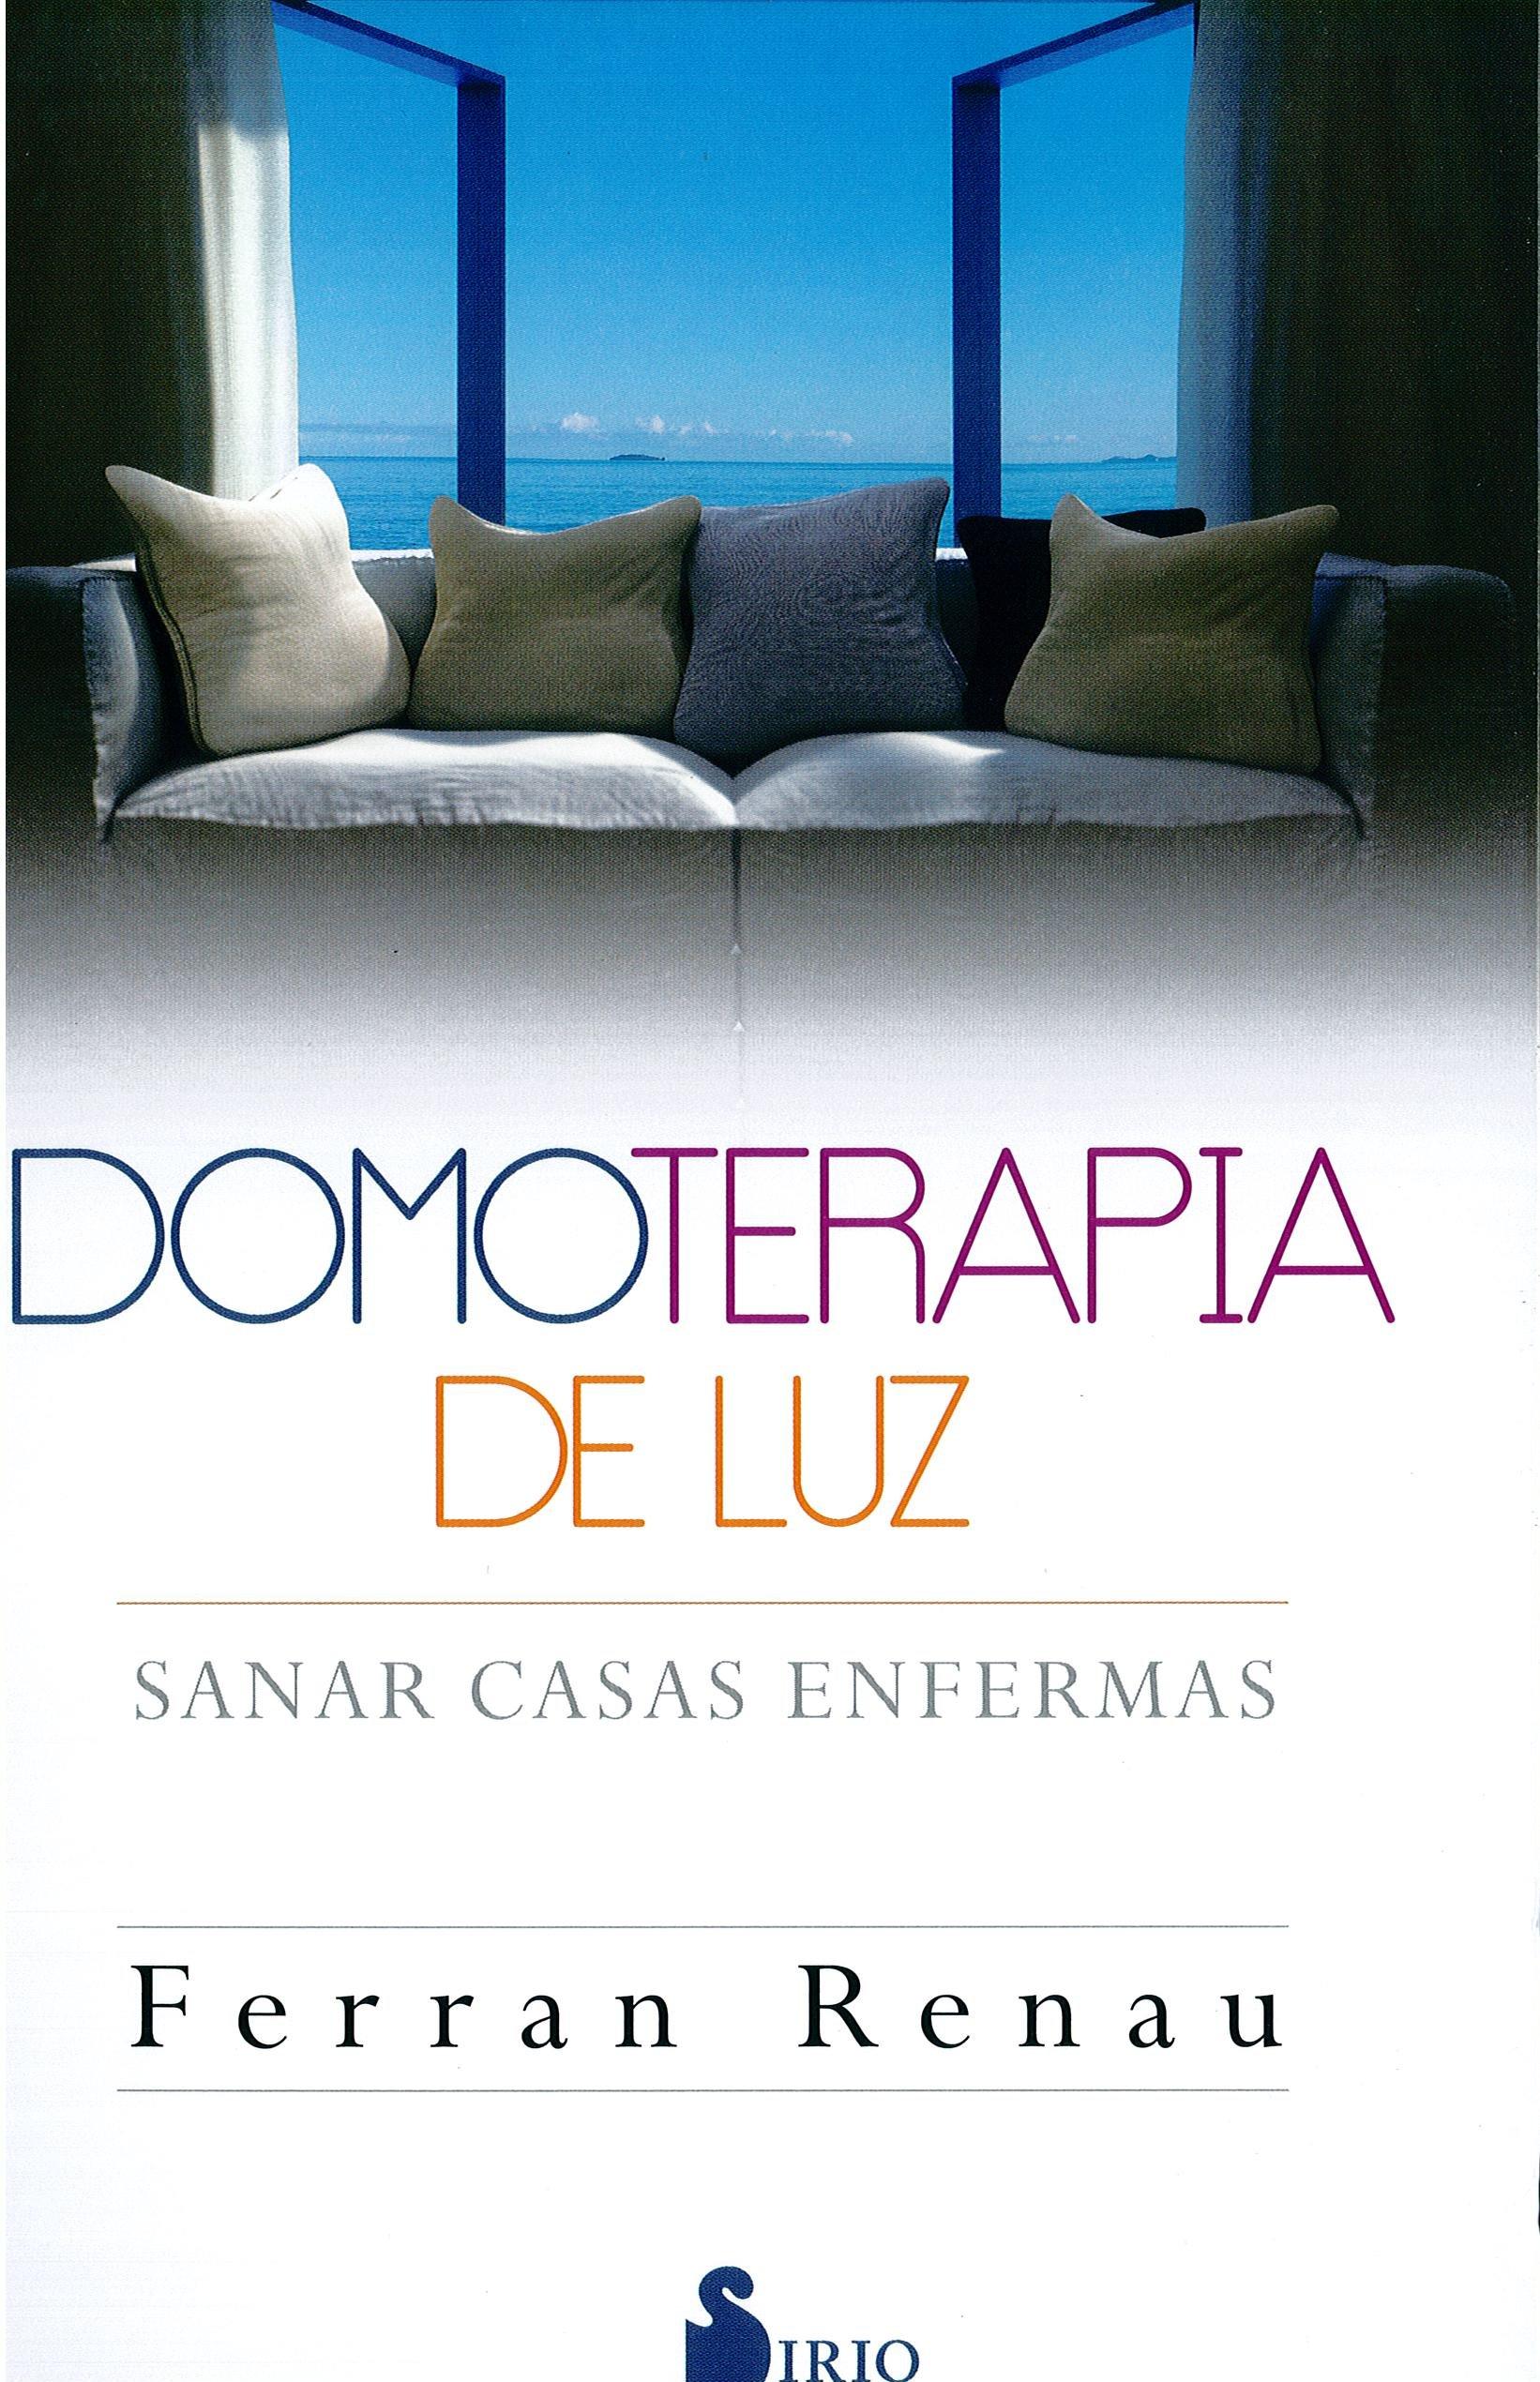 Read Online Domoterapia de luz (Spanish Edition) PDF